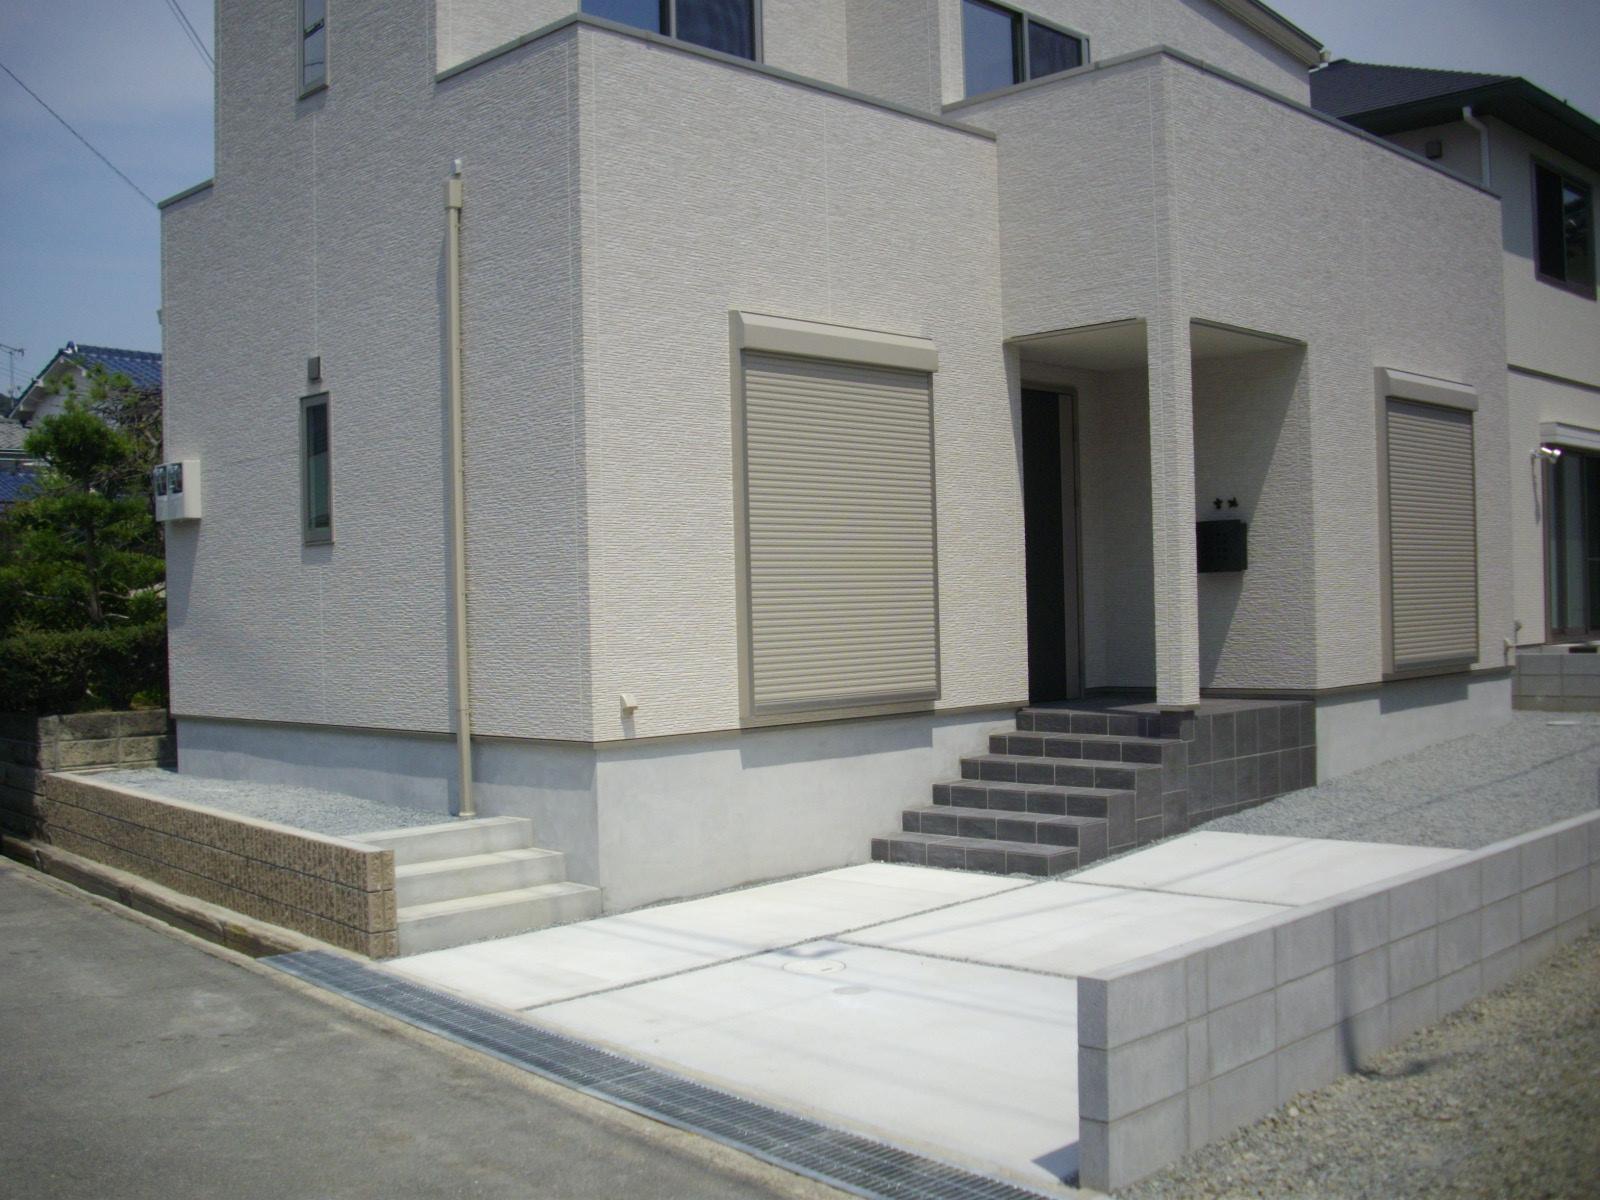 白い建物が際立つチャコールグレーのポーチと駐車スペース 加古川 M様邸